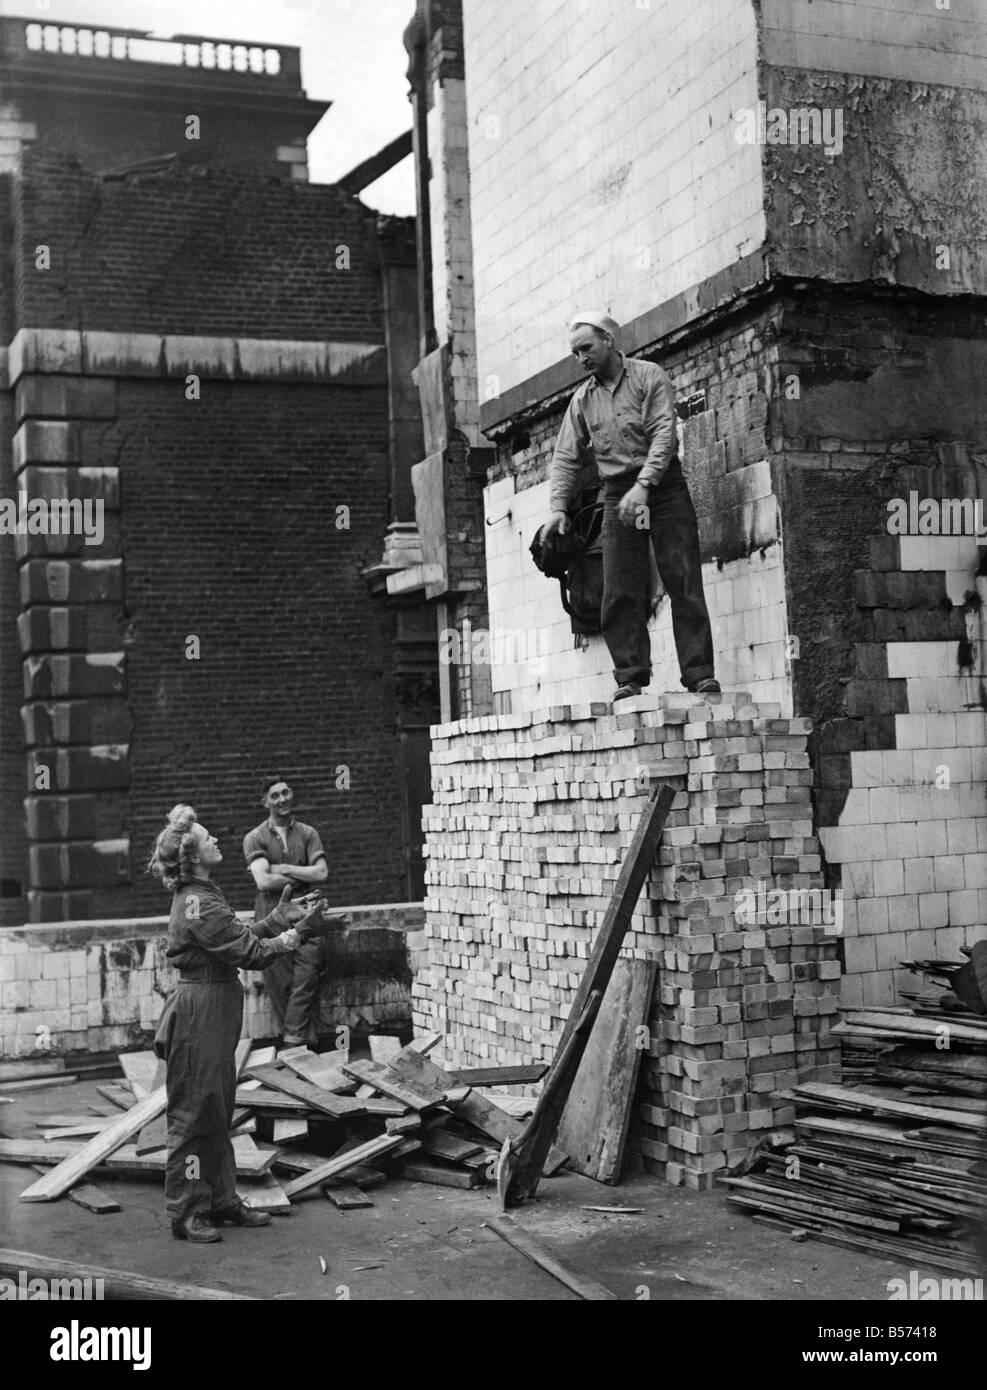 Weltkrieg Frauen: Nur 4 ft. 11 ins in der Höhe, Private Phyllis Lawrie, des ATS arbeitet Seite an Seite mit britischen und amerikanischen Stockfoto